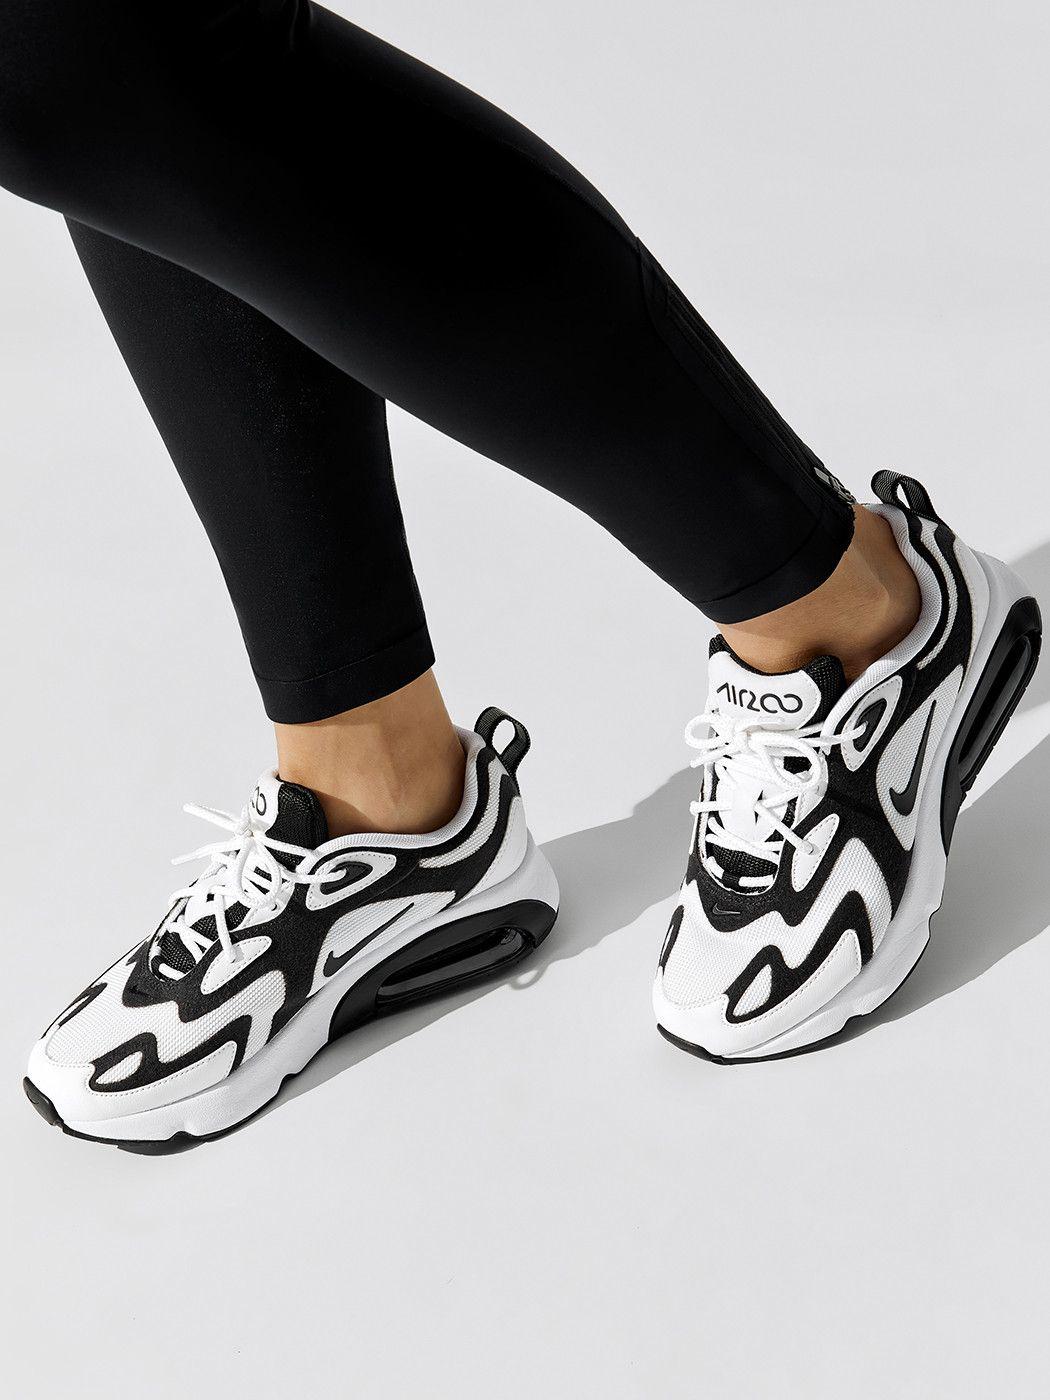 Nike Air Max 200 in White/blackanthracite (met afbeeldingen)